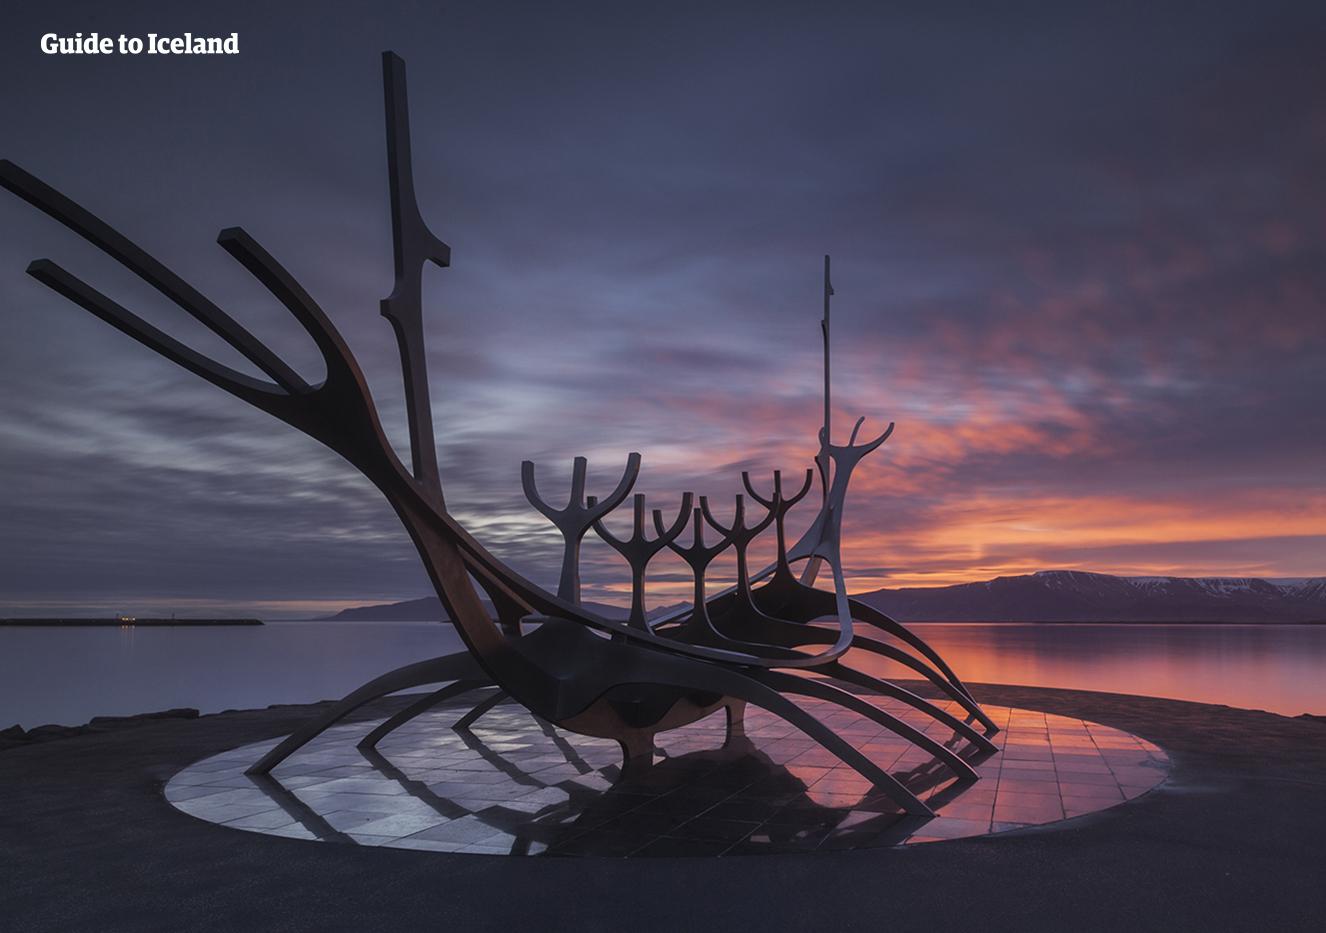 Gli ultimi raggi del sole estivo sulla montagna Esja, appena fuori dalla città di Reykjavík.